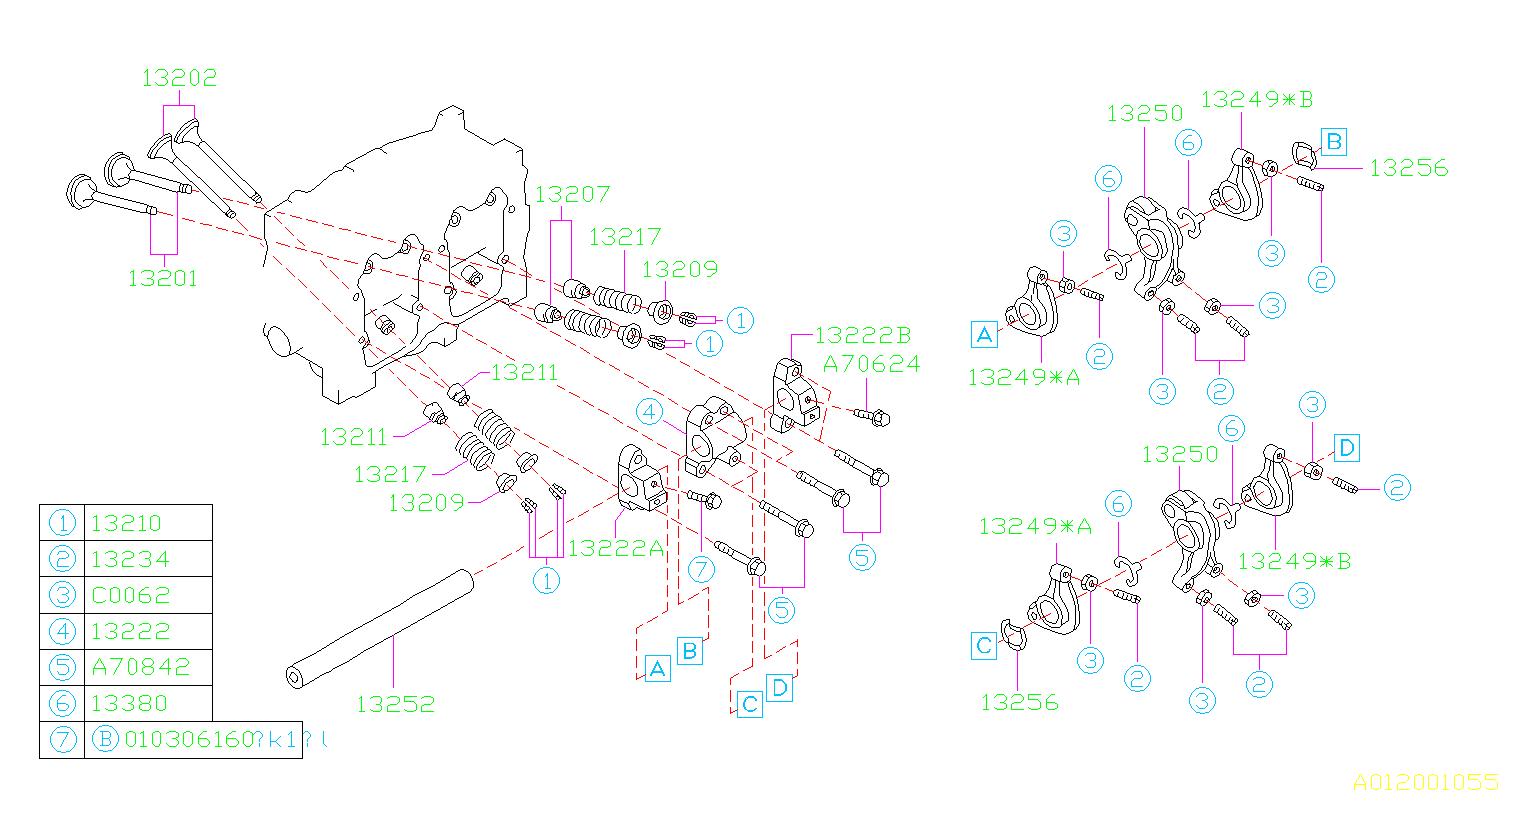 13210aa020 - Collet-valve  Mechanism  Engine